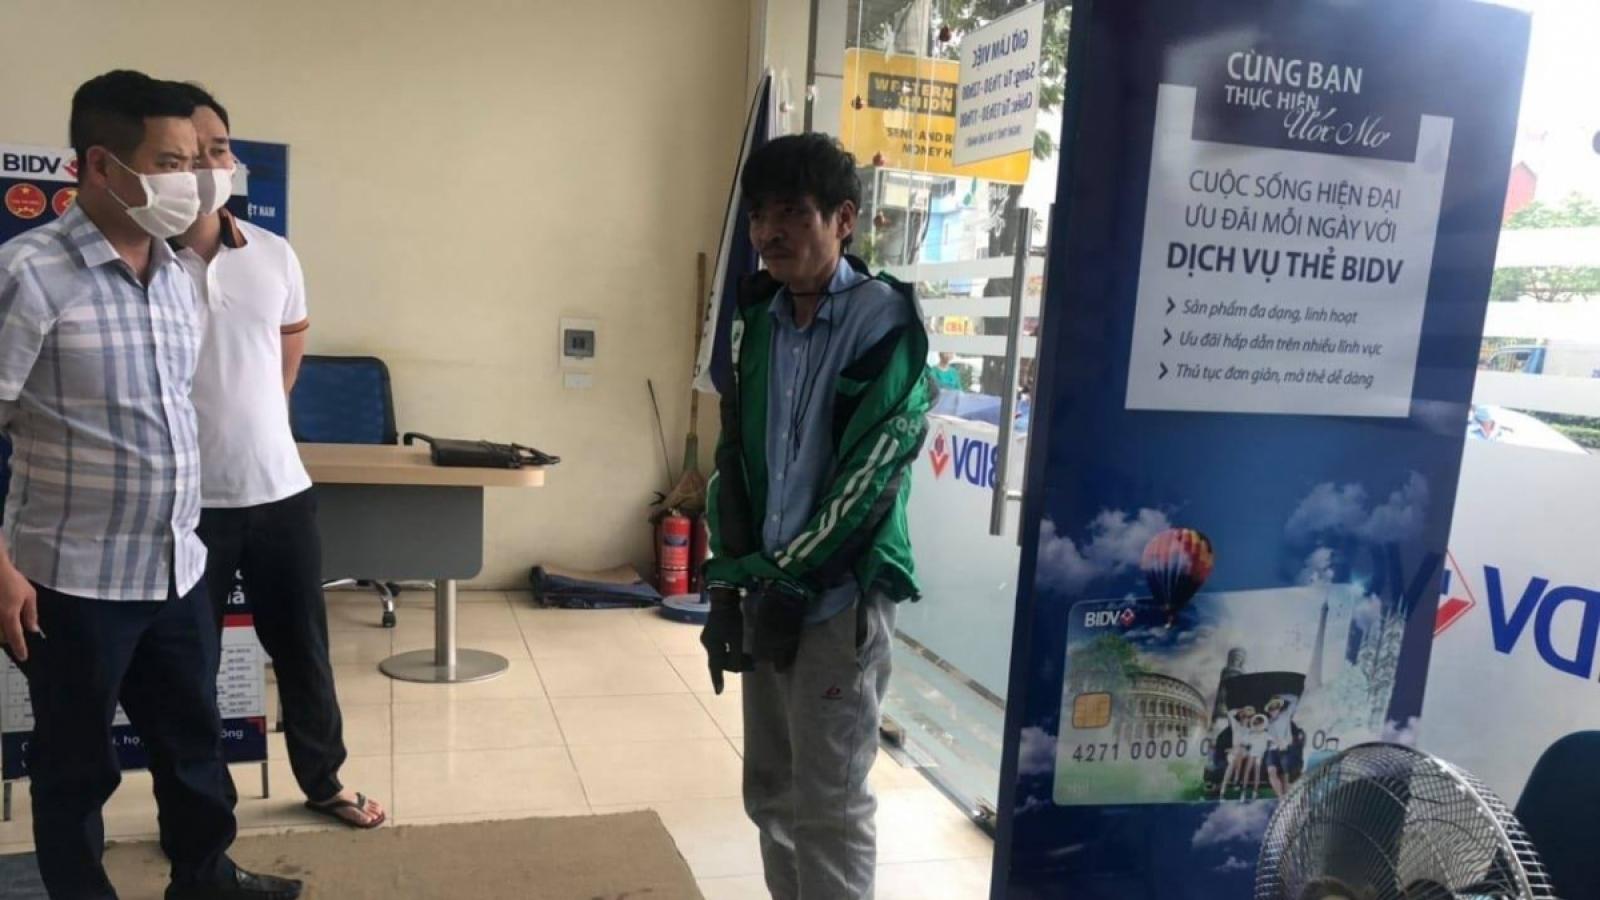 Khởi tố kẻ dùng mìn giả cướp ngân hàng ở Hà Nội